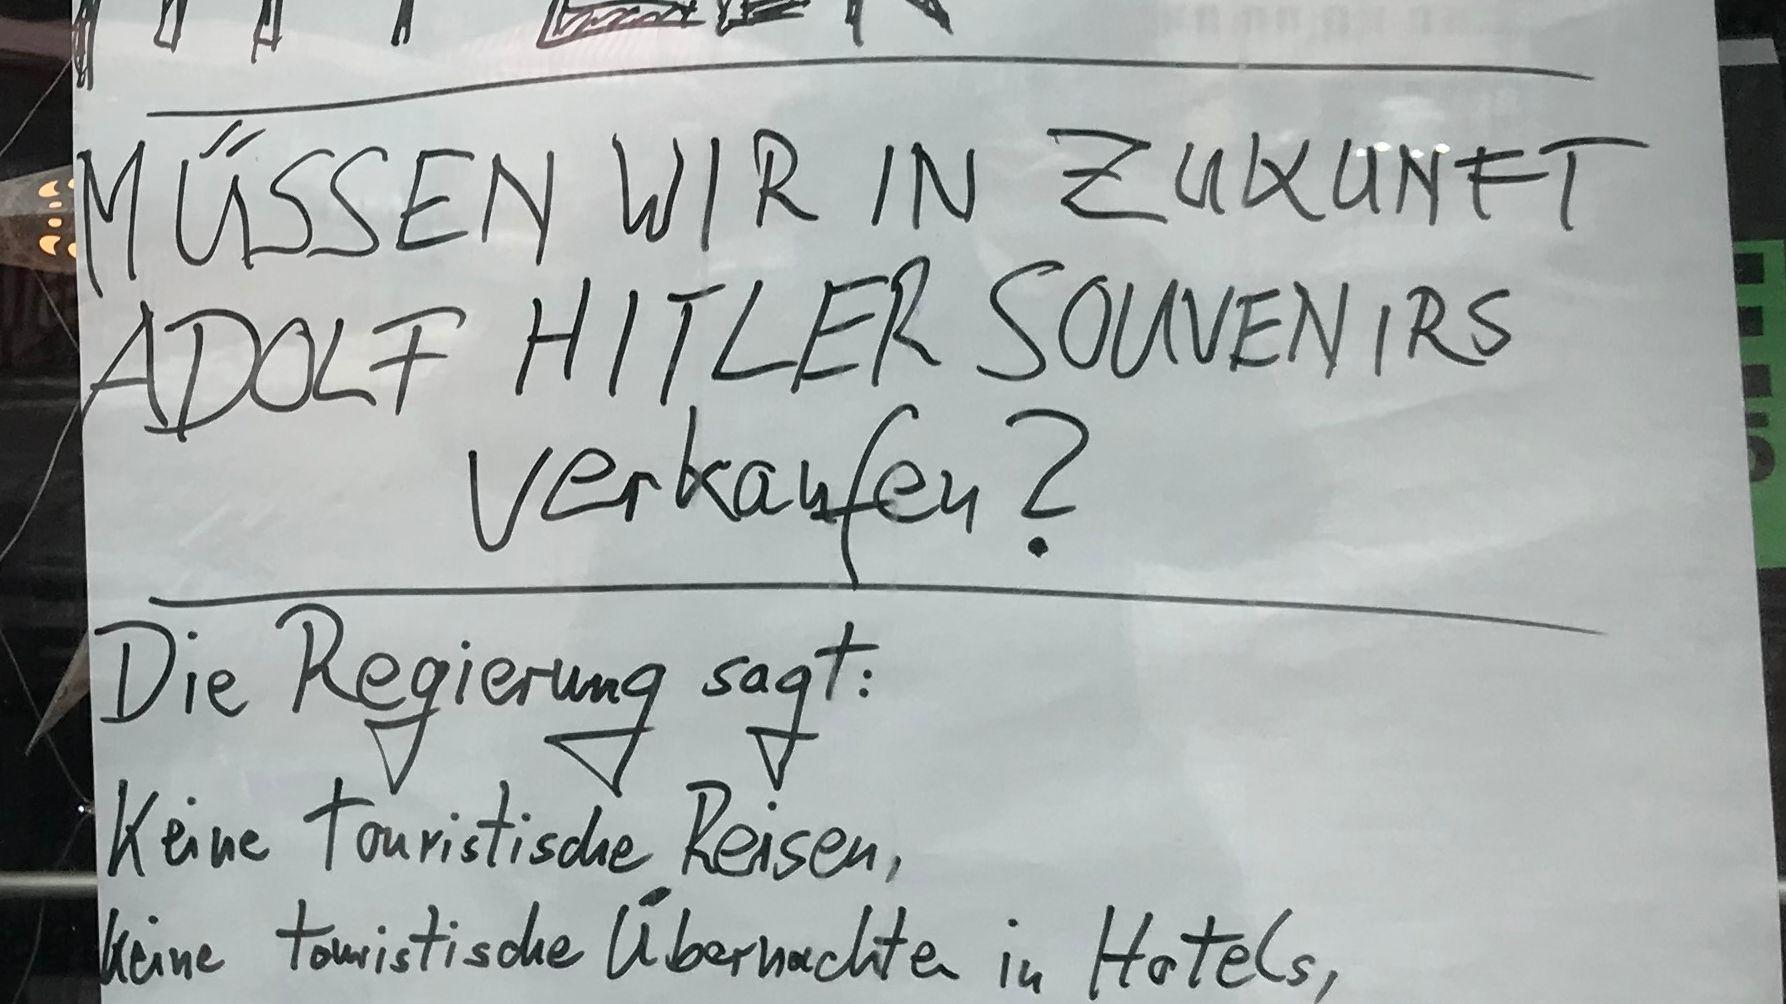 Der Besitzer eines Souvenirladens am Hauptmarkt zieht Vergleiche der aktuellen Corona-Maßnahmen mit der Zeit des Nationalsozialismus